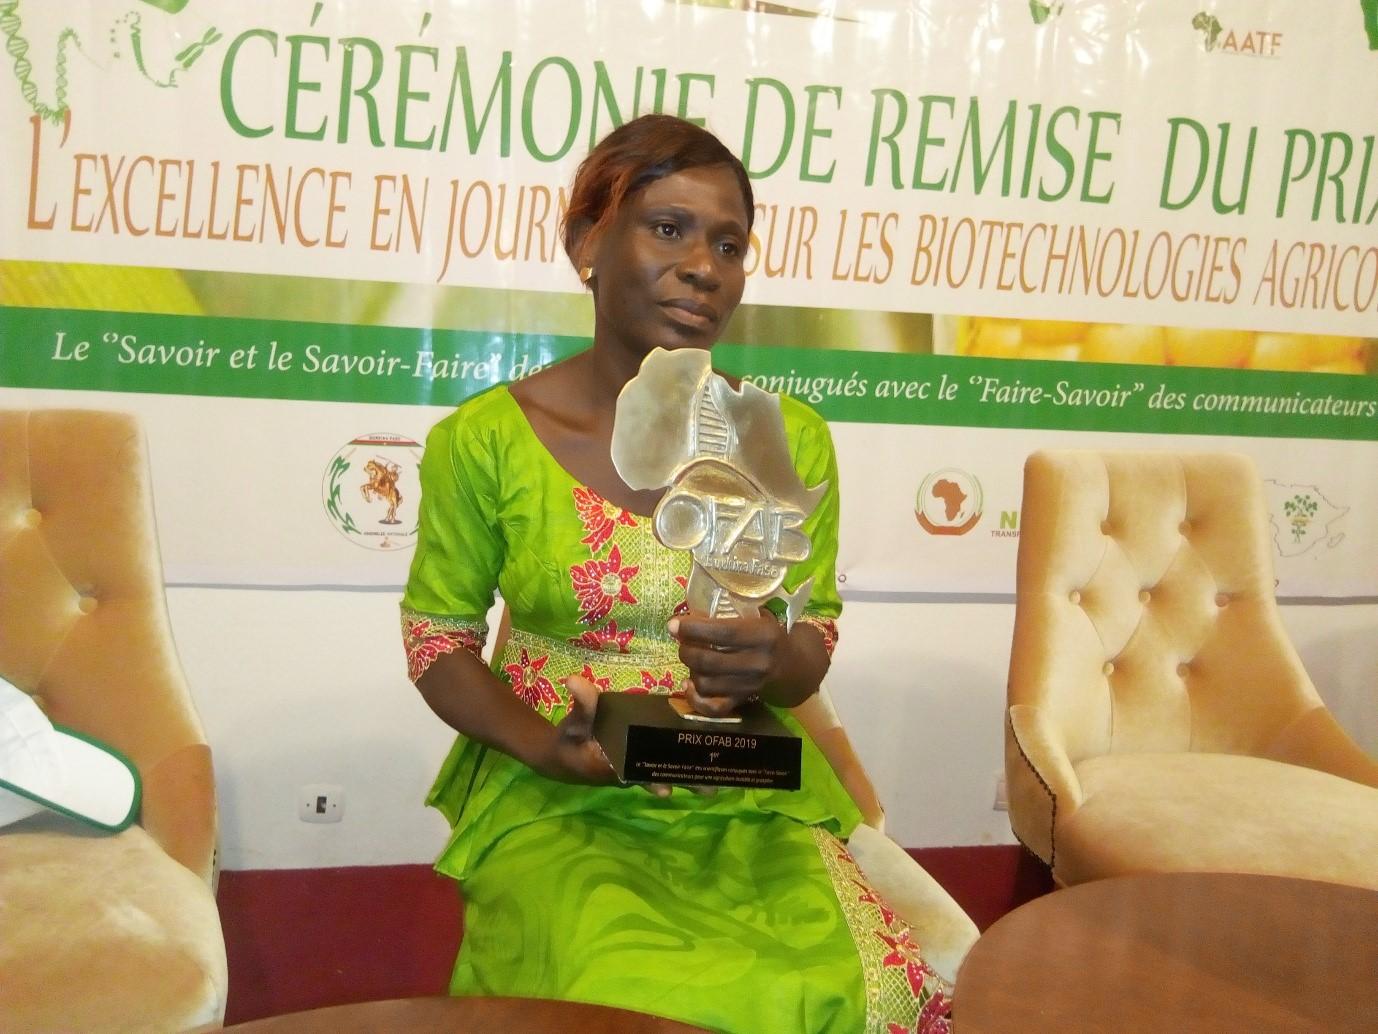 PRIX OFAB 2019: Bessaoula l'a remporté malgré sa peur des biotechnologies